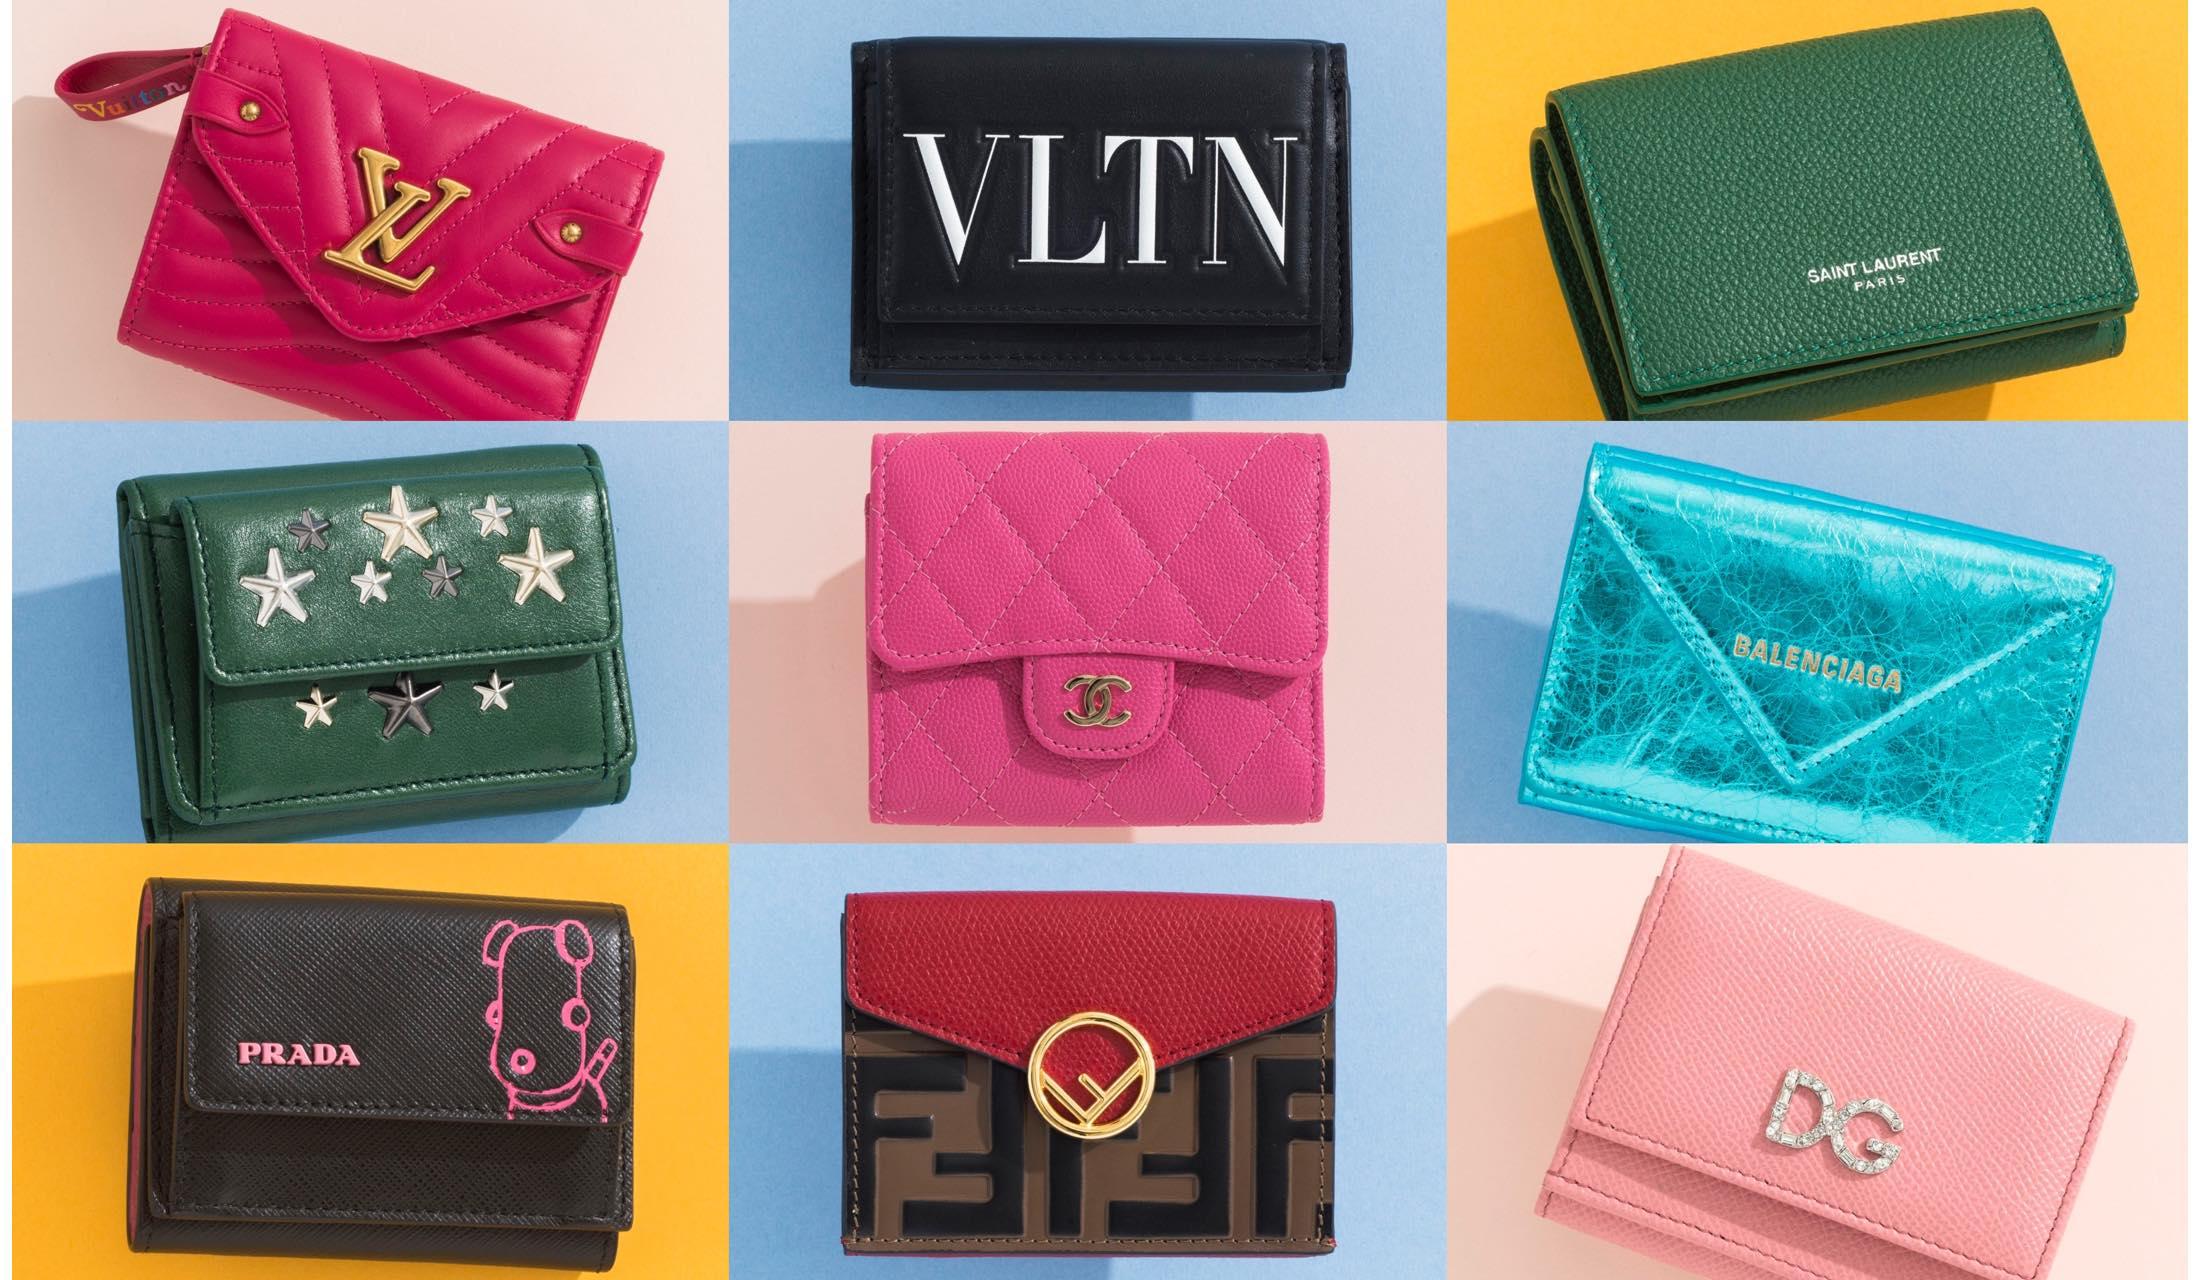 2d2c0d7cbaeb 早くも人気が殺到している人気ブランドの「三つ折り財布」13選 | Precious.jp(プレシャス)